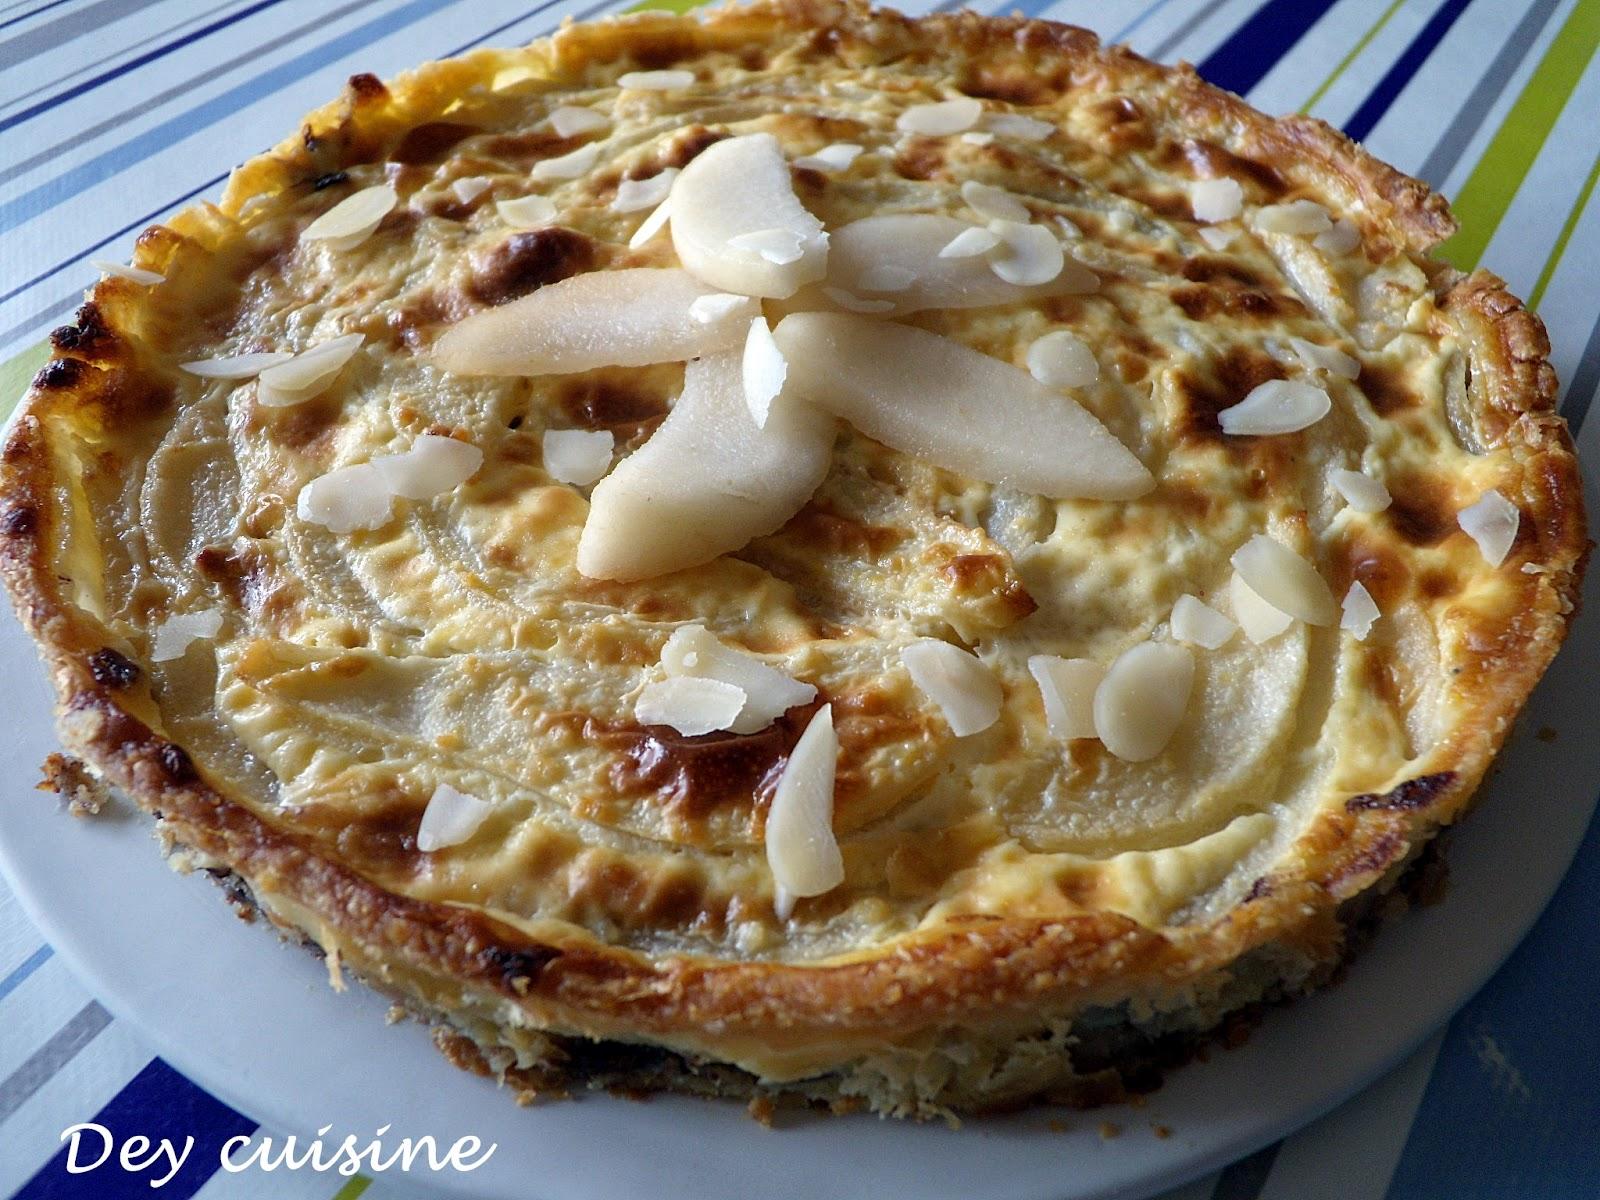 Dey cuisine tarte aux poires chocolat croquant - Tarte poire chocolat sans oeuf ...